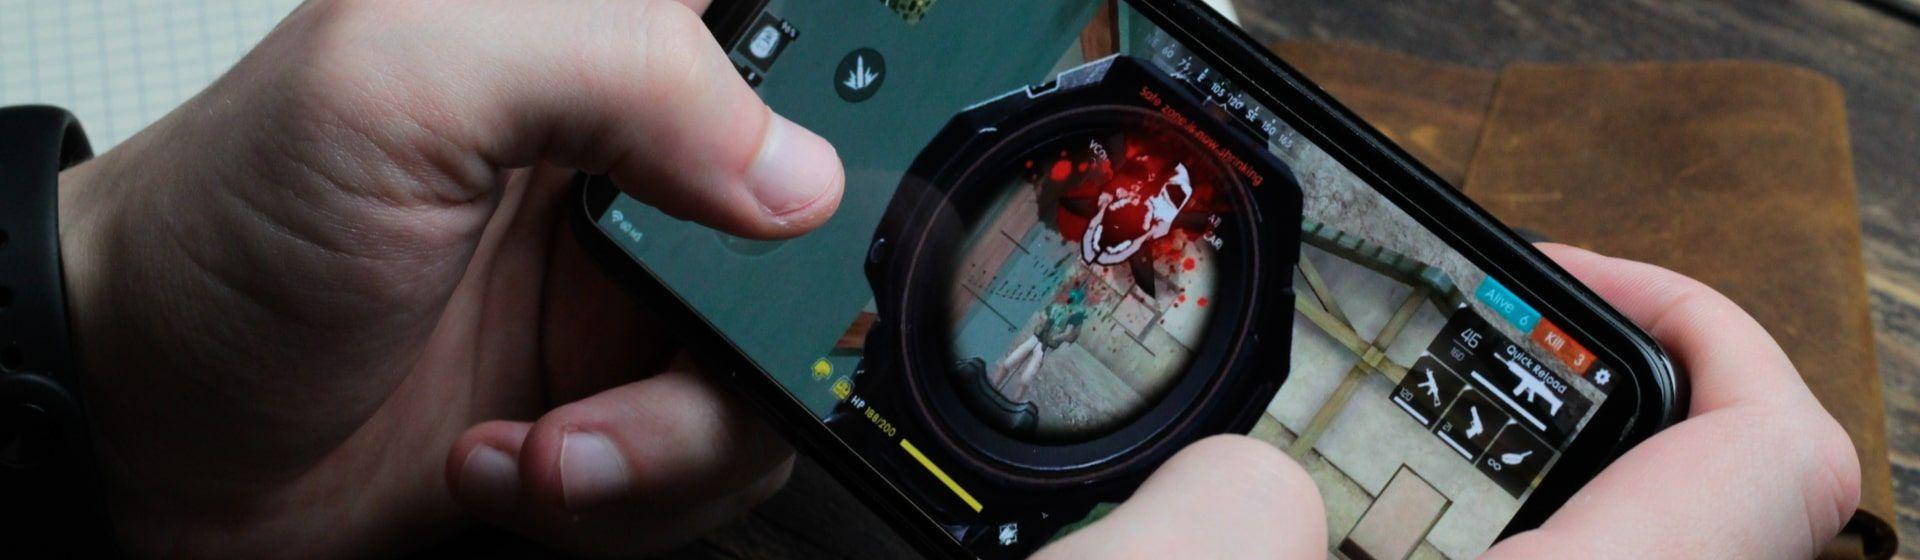 Jogos online para celular: 21 games para jogar com amigos na quarentena